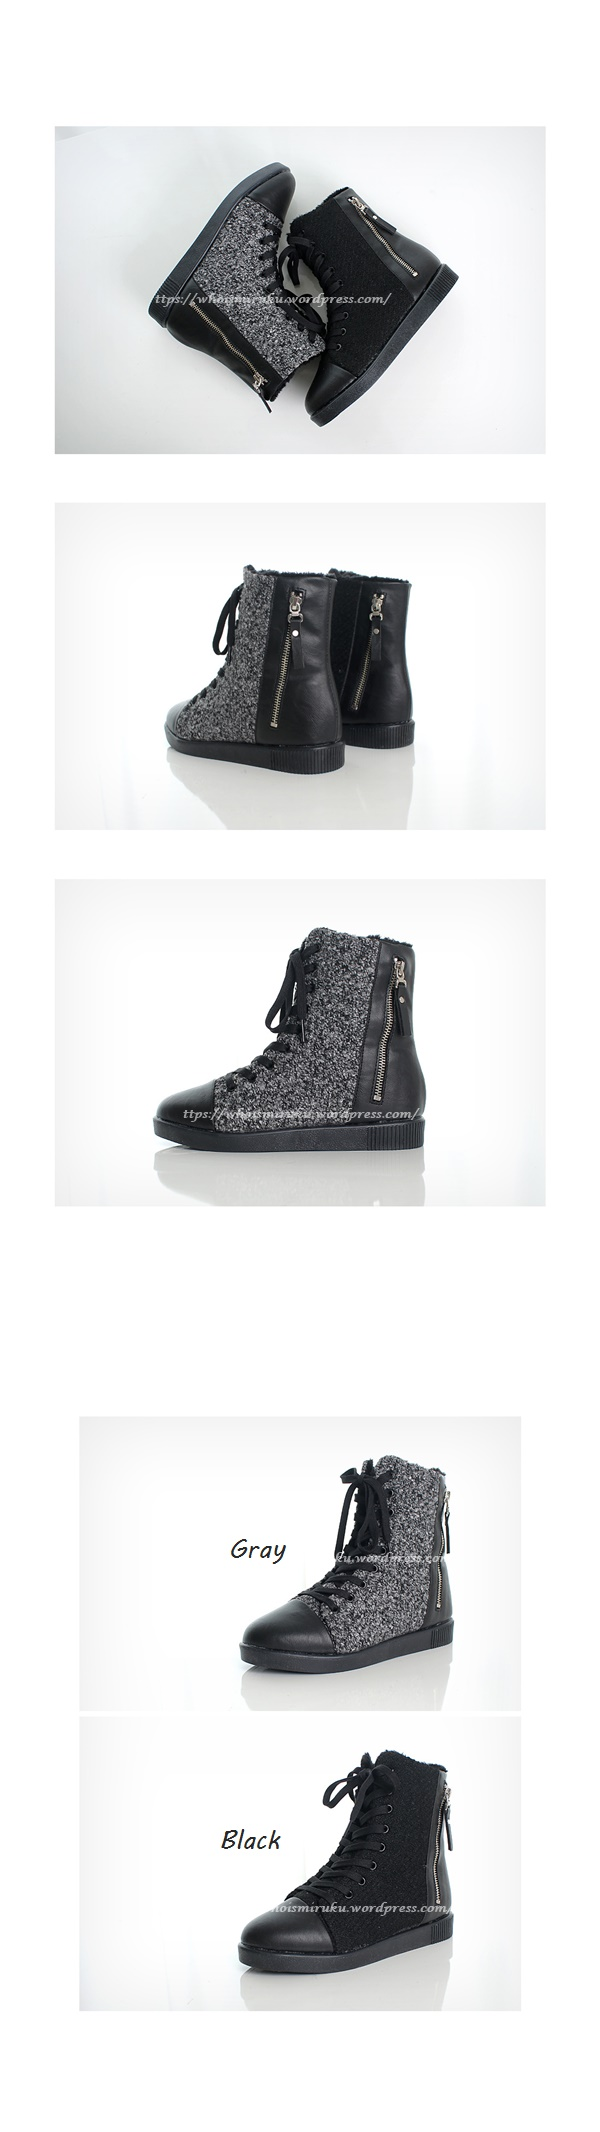 拉鍊毛尼球踝靴-5